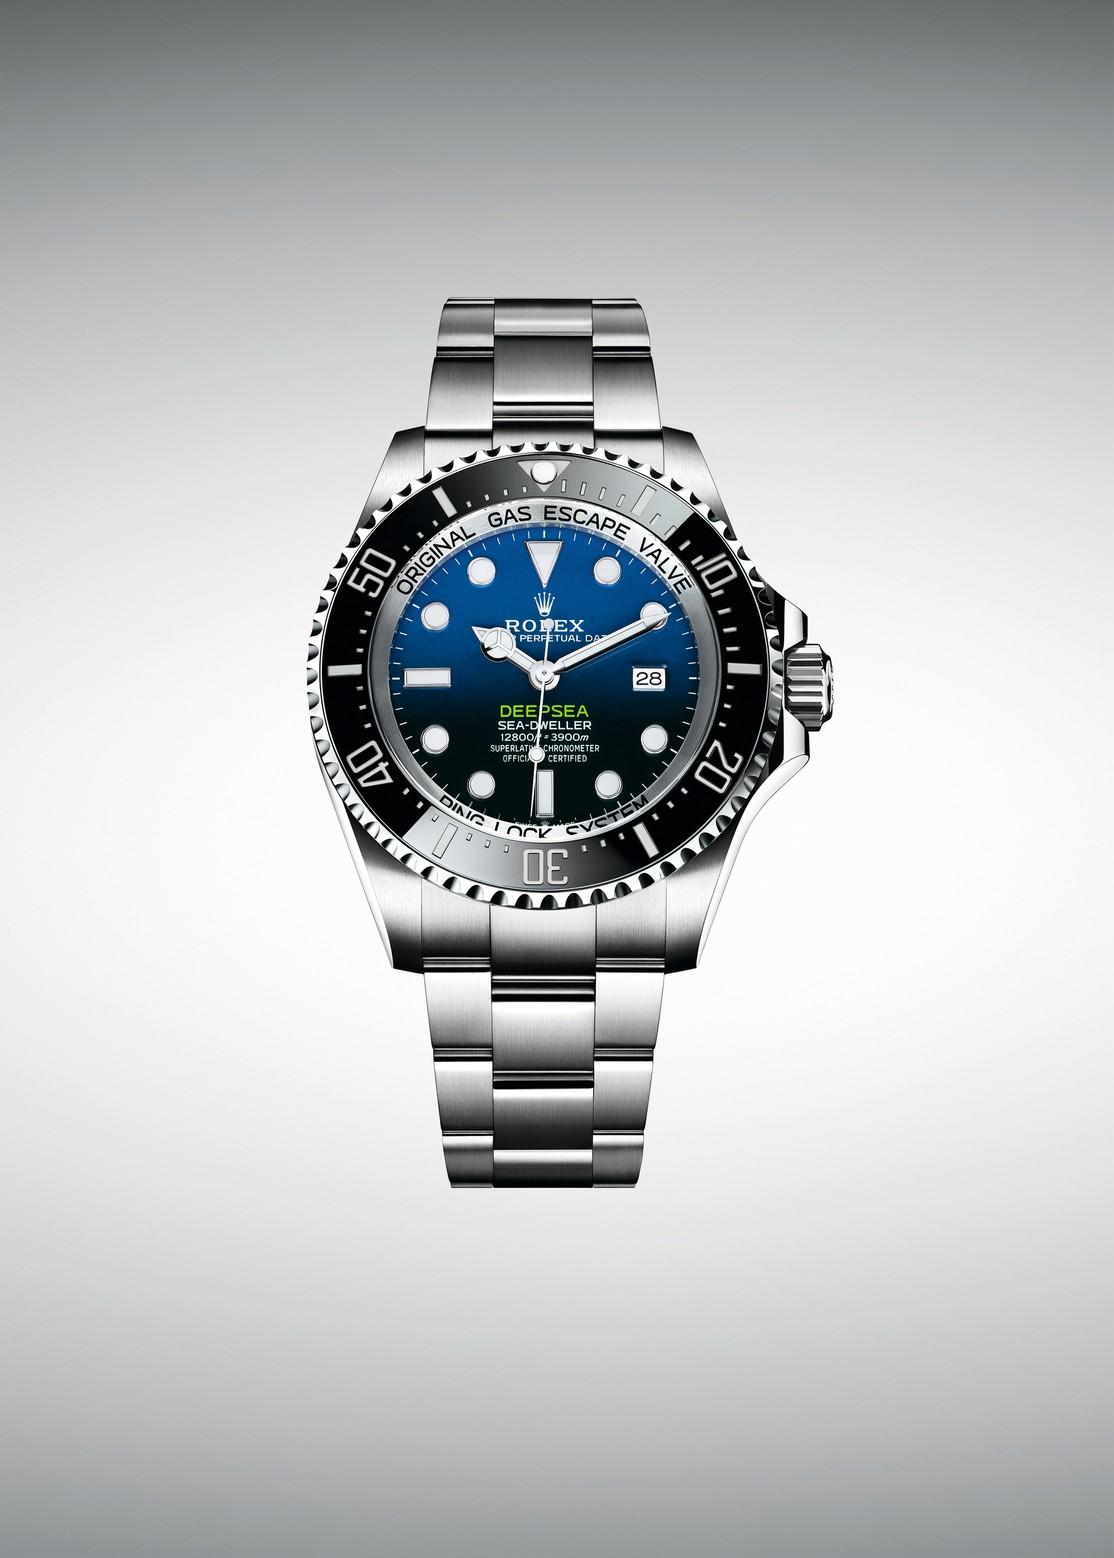 18ac40ed0812a Es sin duda la marca que todos deseamos visitar a fin de conocer cuál es su  propuesta. El año pasado se cumplieron 50 años del emblemático reloj de  buceo ...